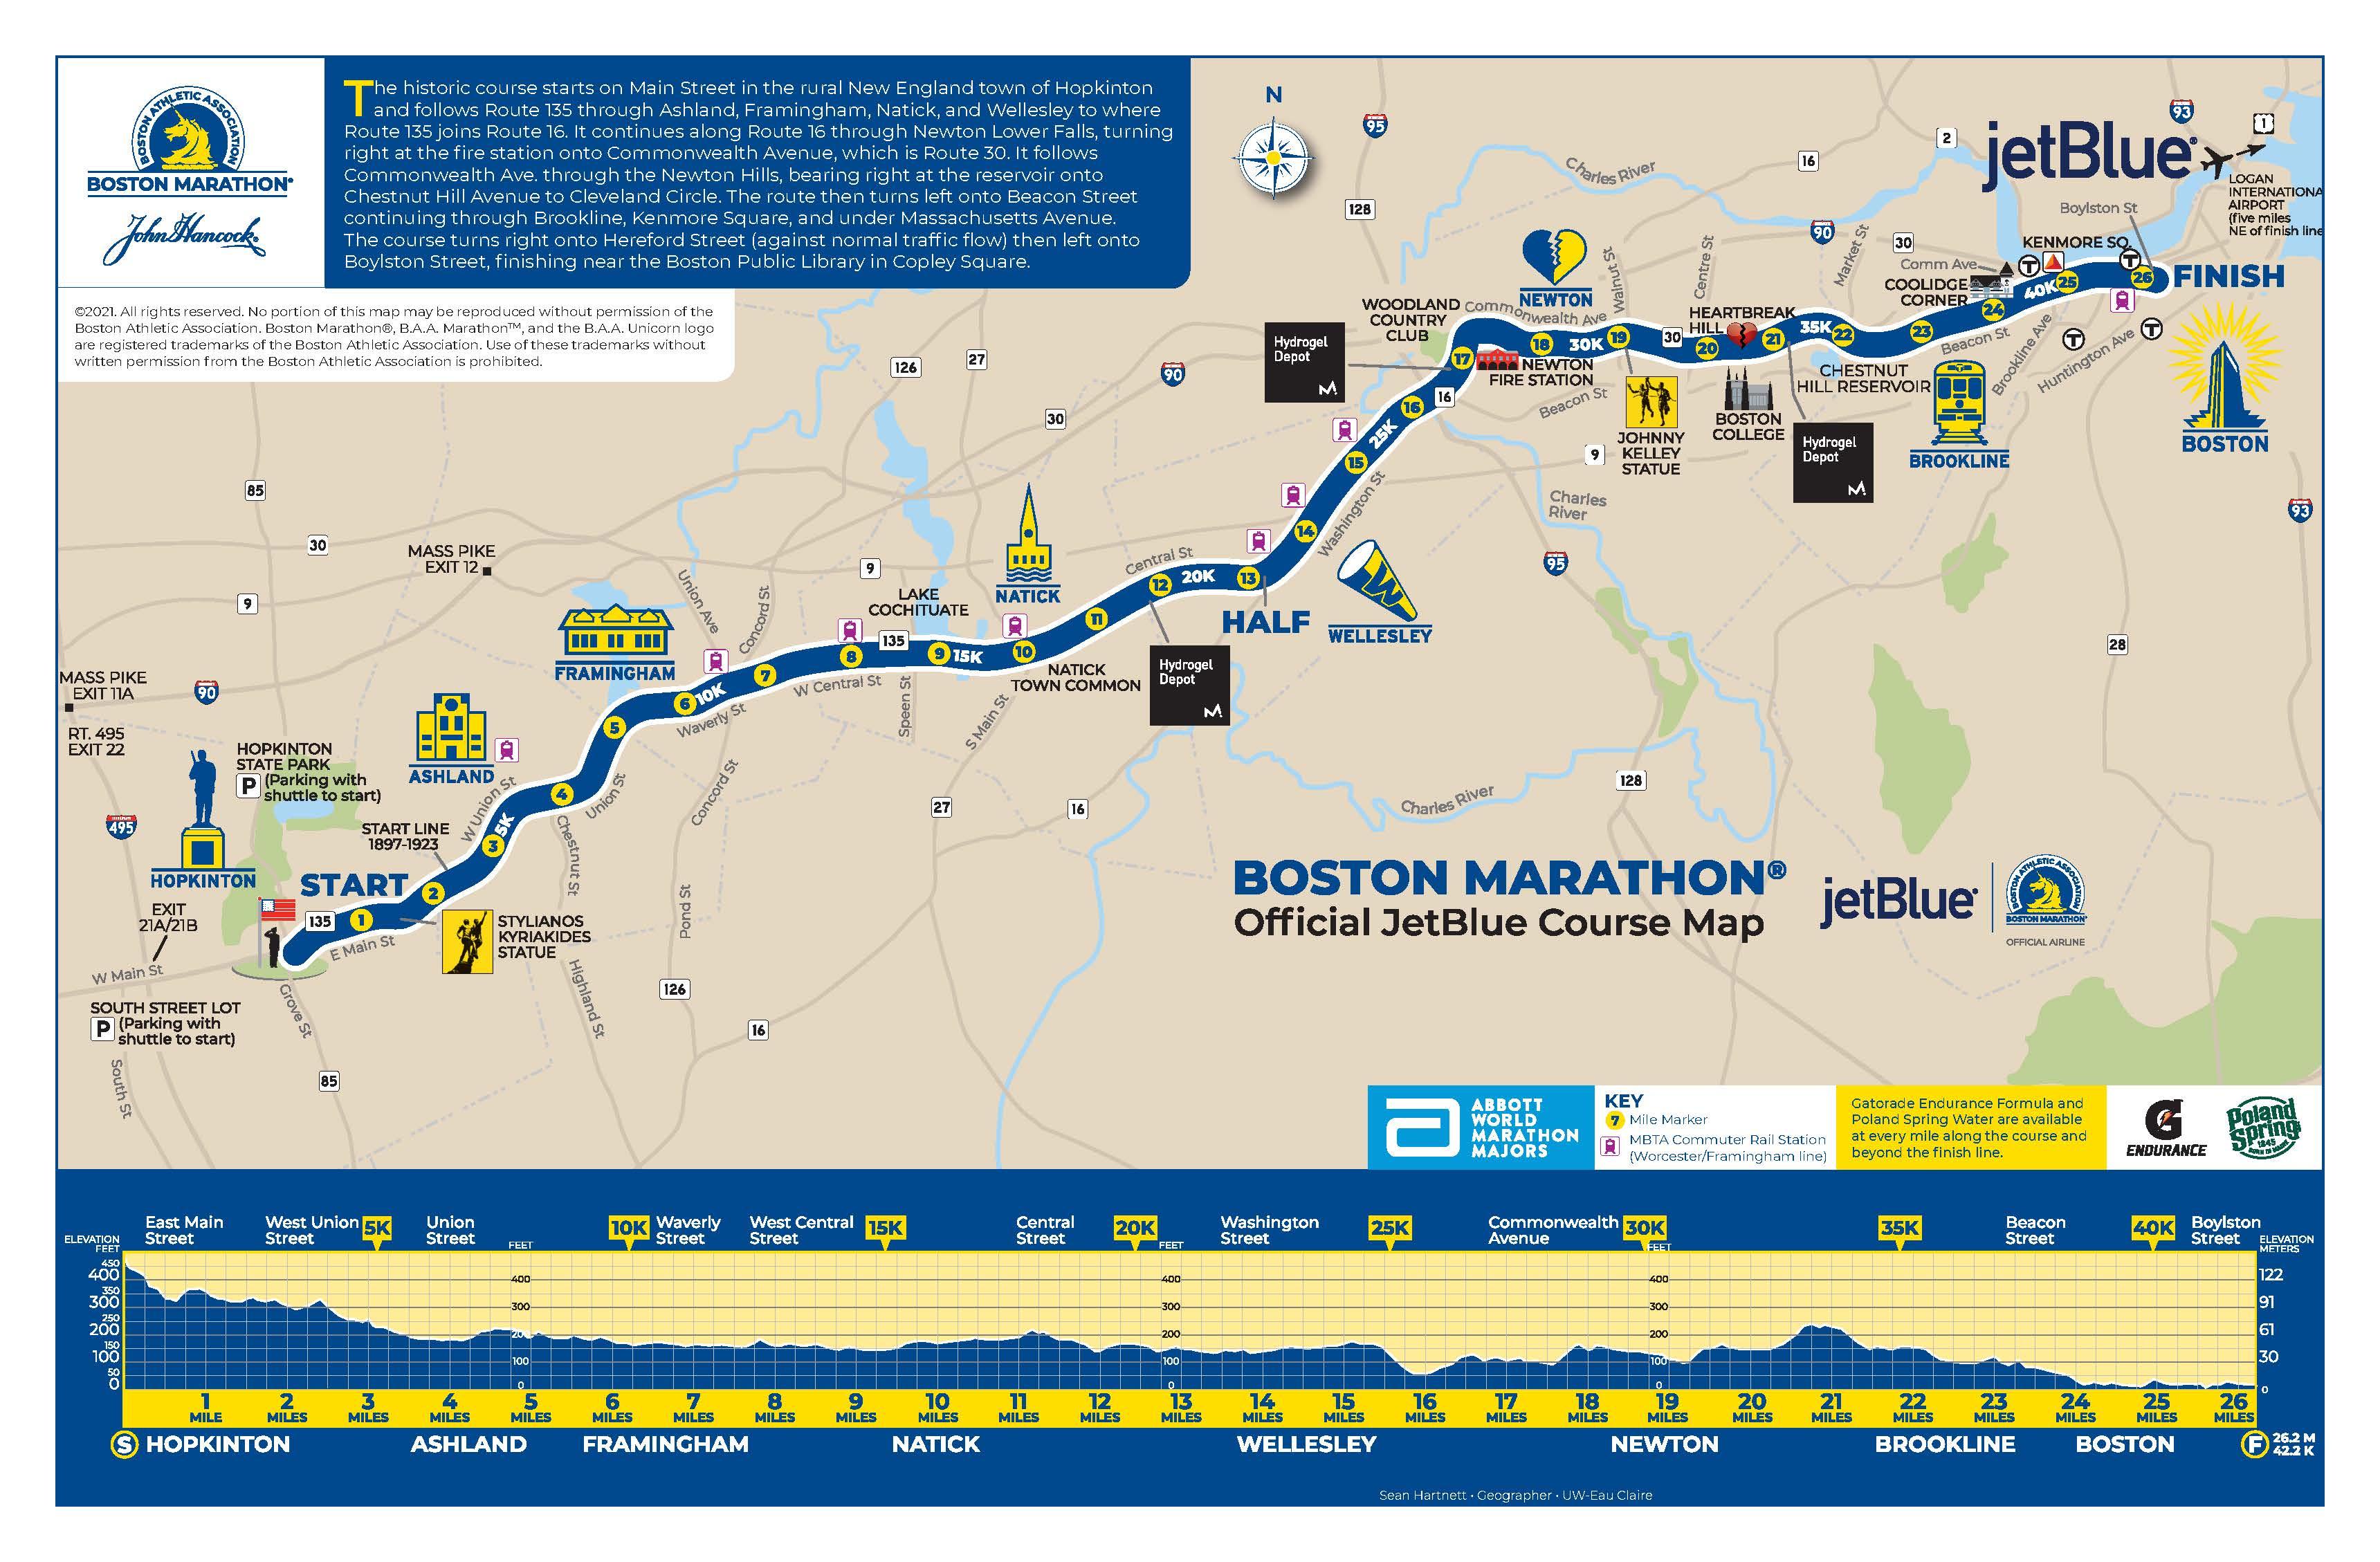 Boston Marathon Course Map